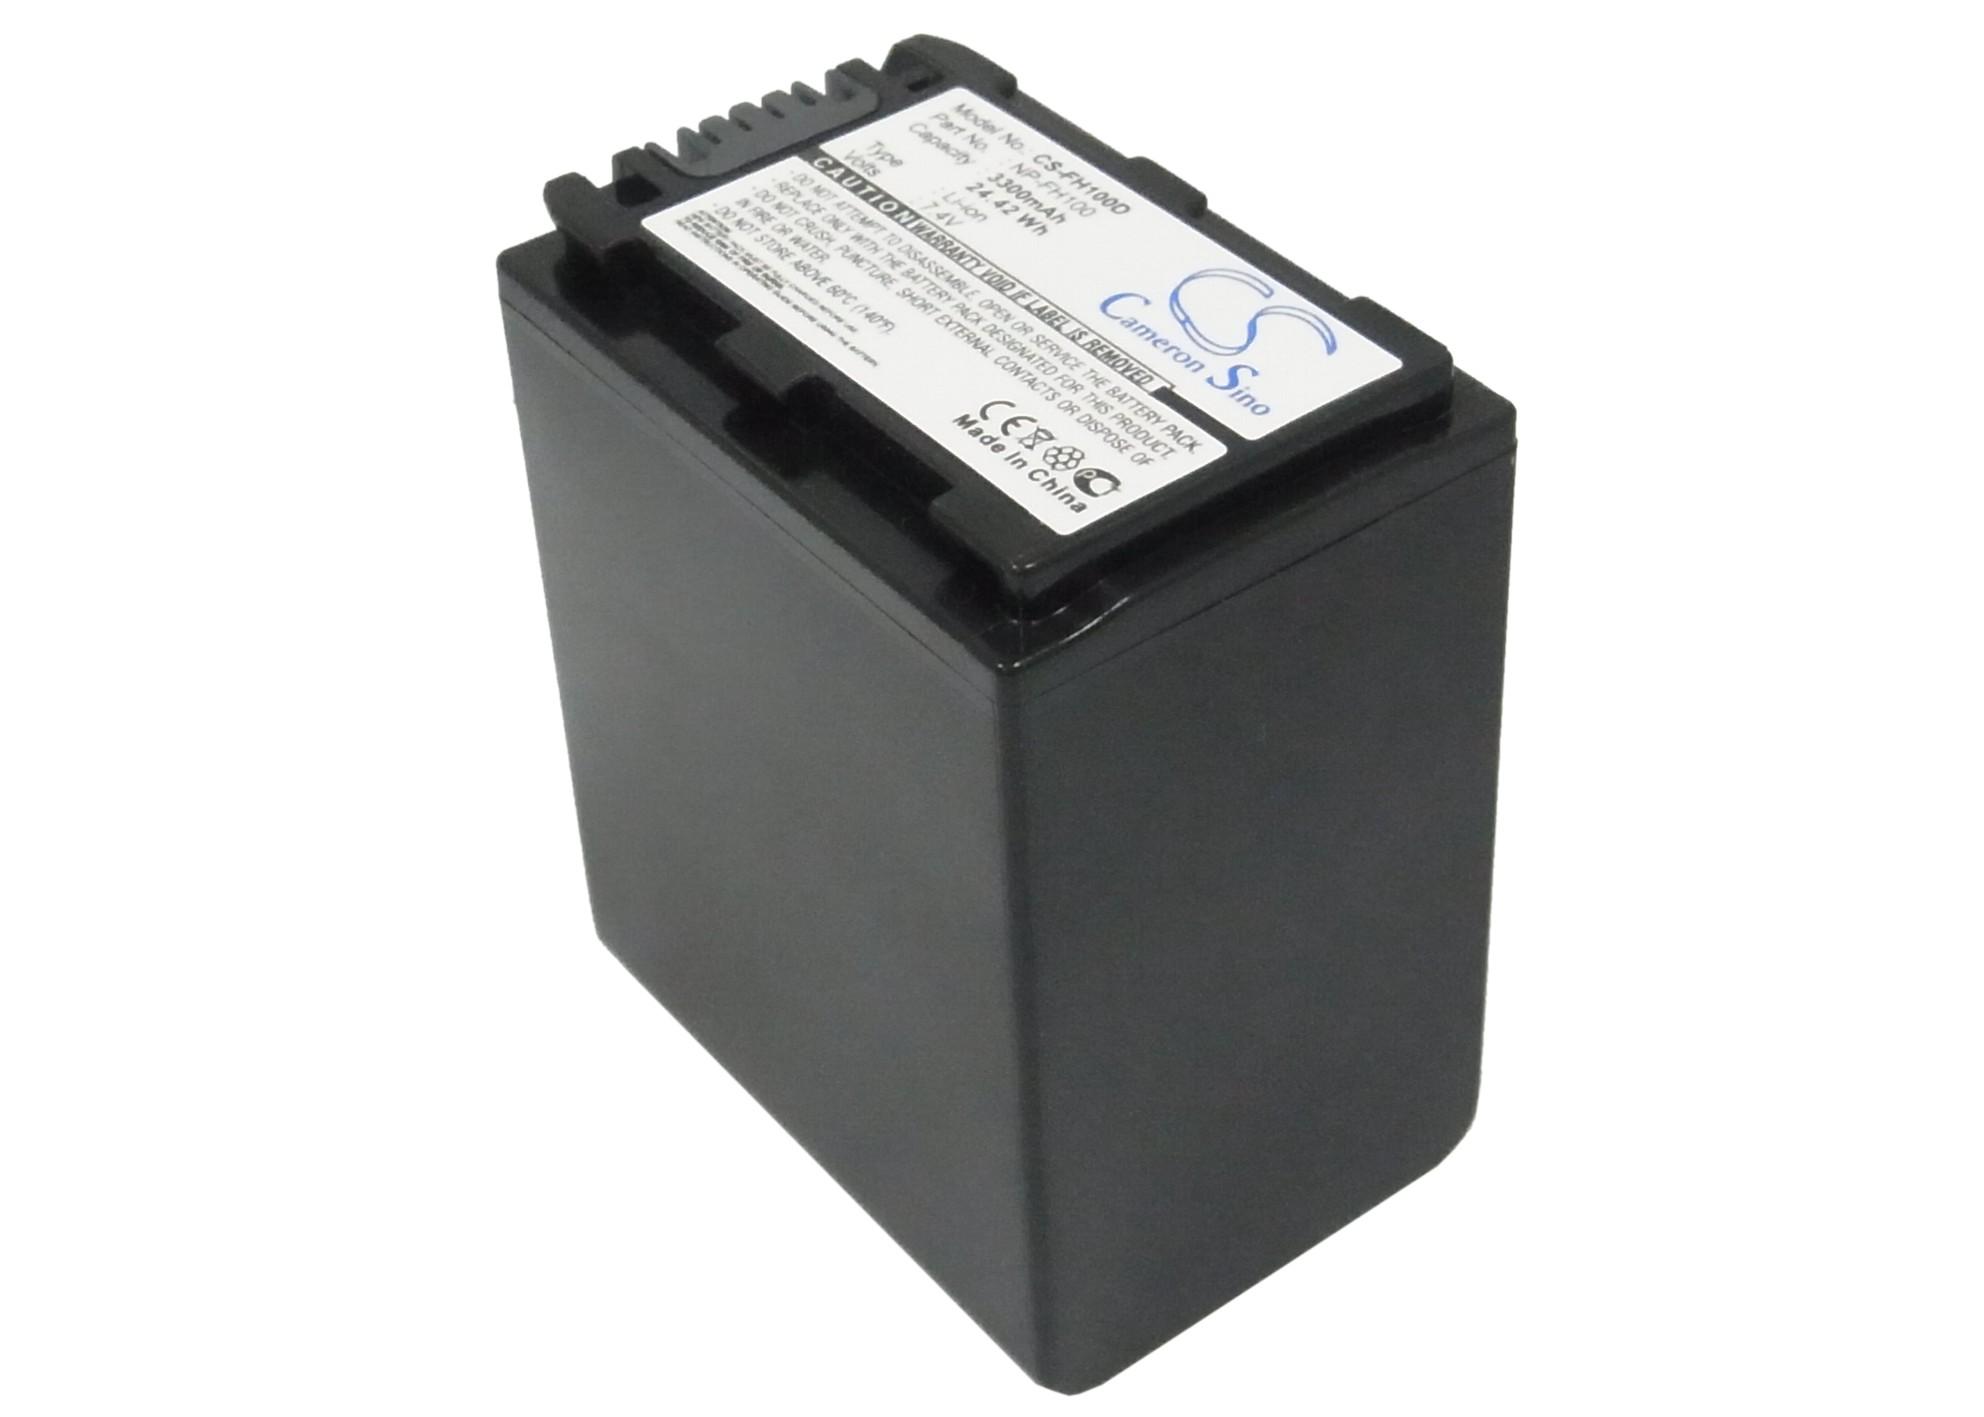 Cameron Sino baterie do kamer a fotoaparátů pro SONY DCR-HC40E 7.4V Li-ion 3300mAh tmavě šedá - neoriginální